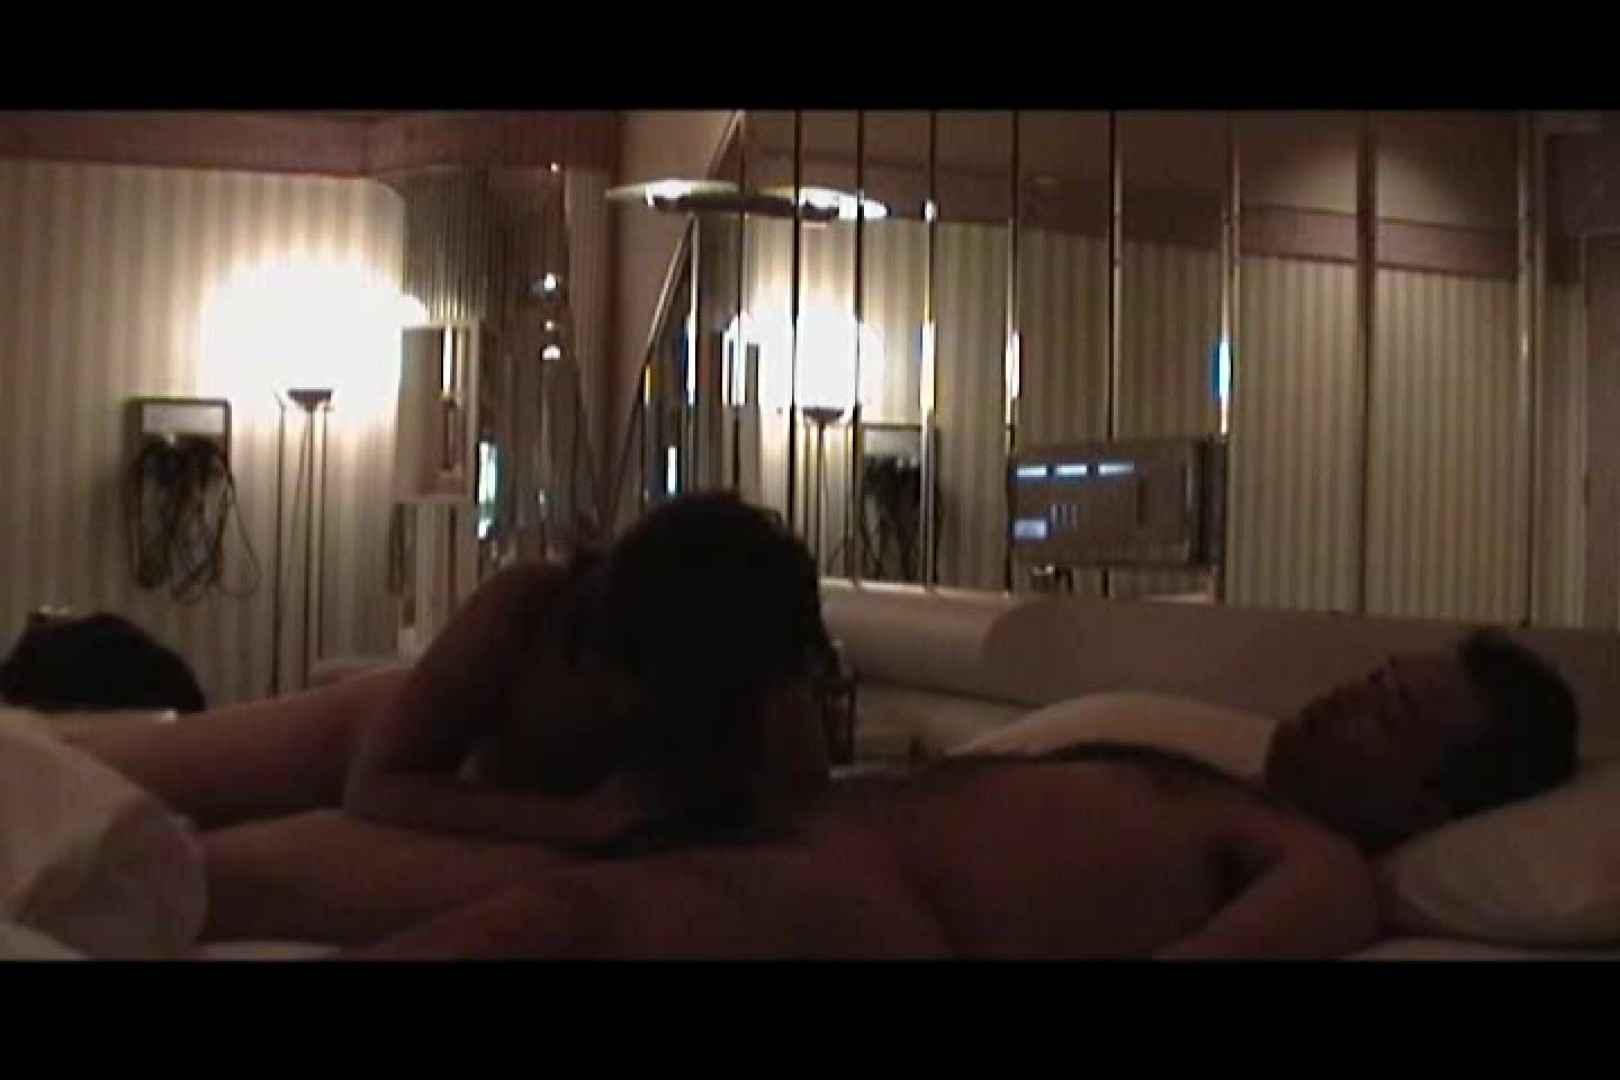 童顔な人妻とハメ撮り 人妻エロ映像  62pic 16